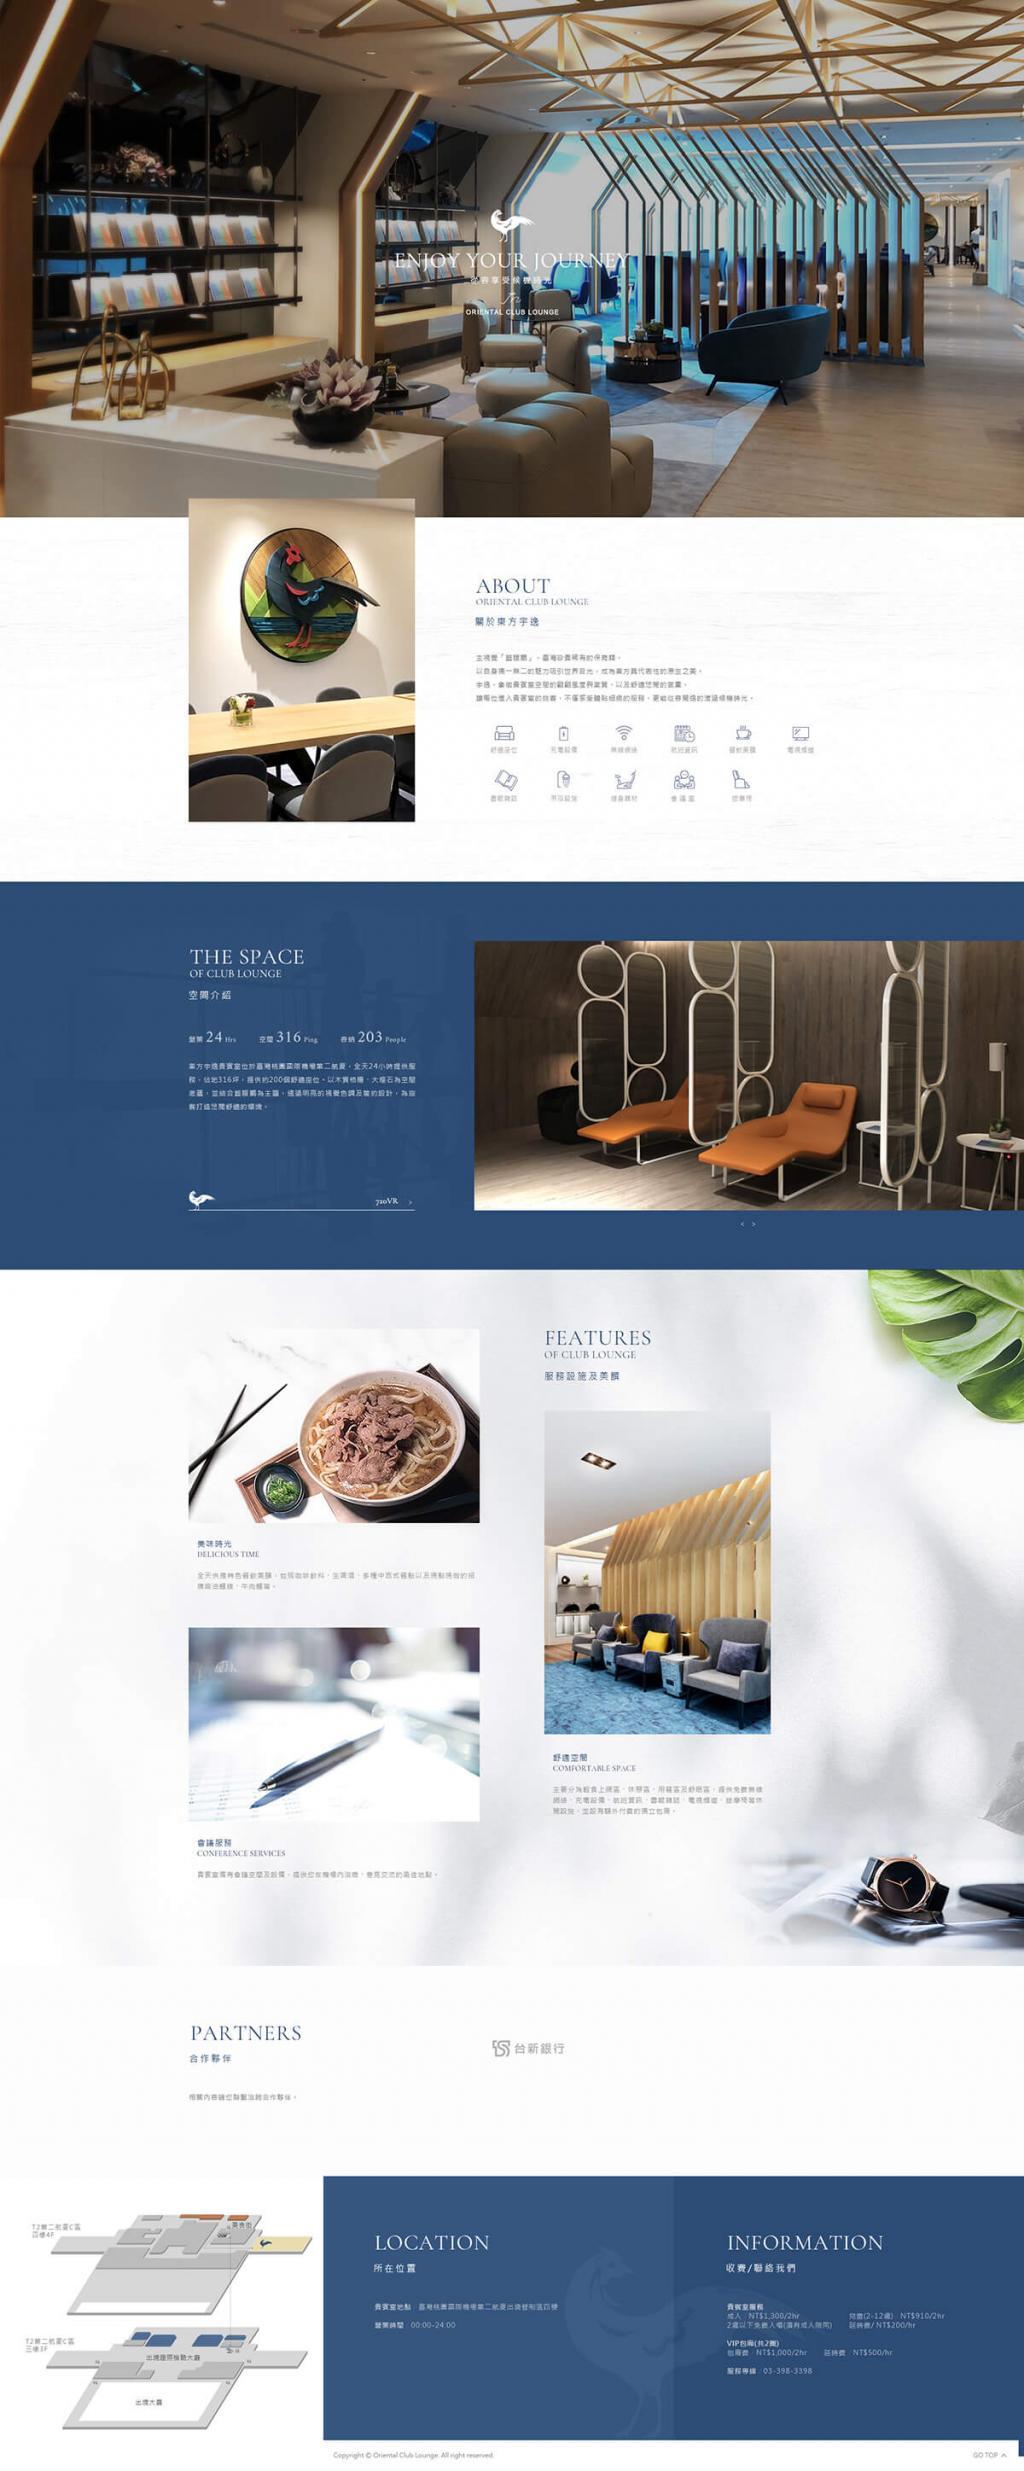 東方宇逸貴賓室-網頁設計